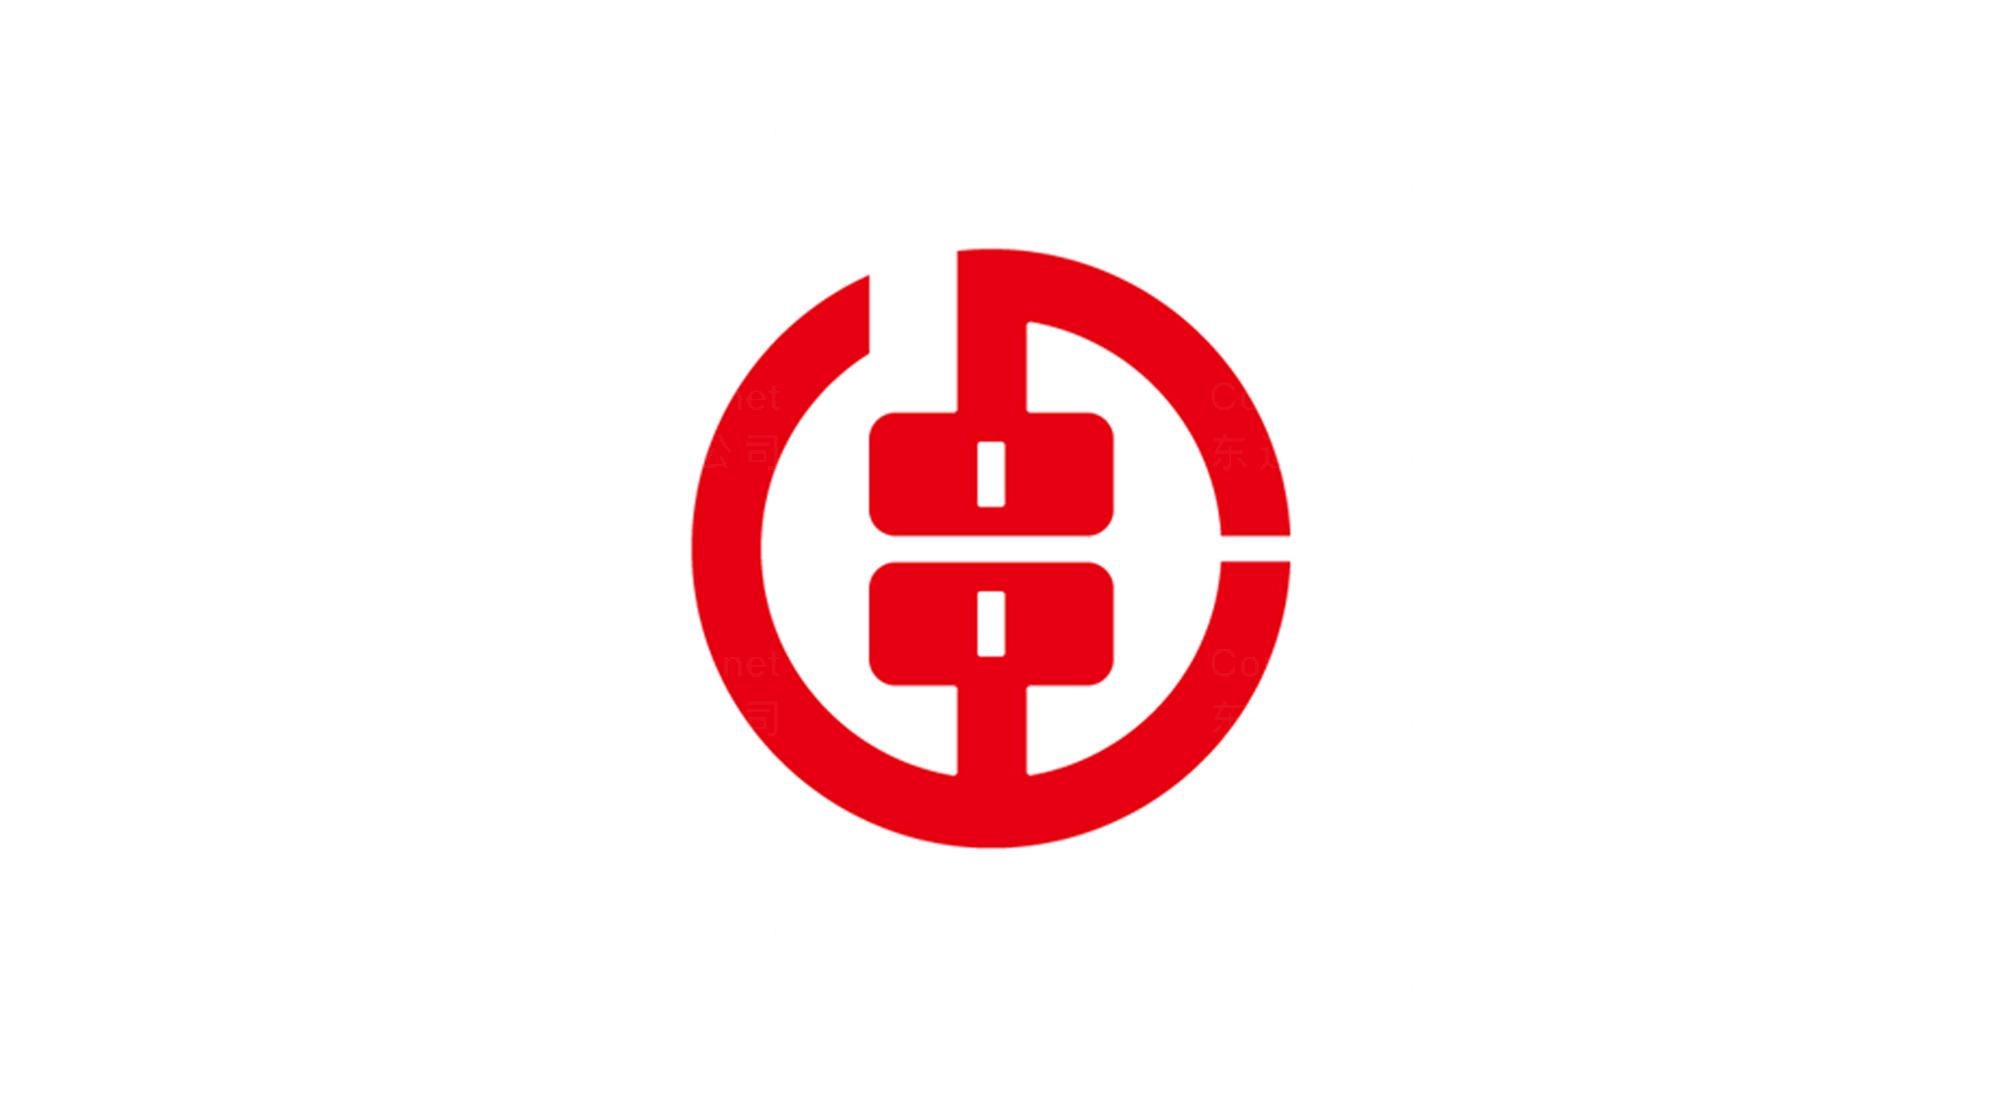 银行金融品牌设计长沙农商行标志设计